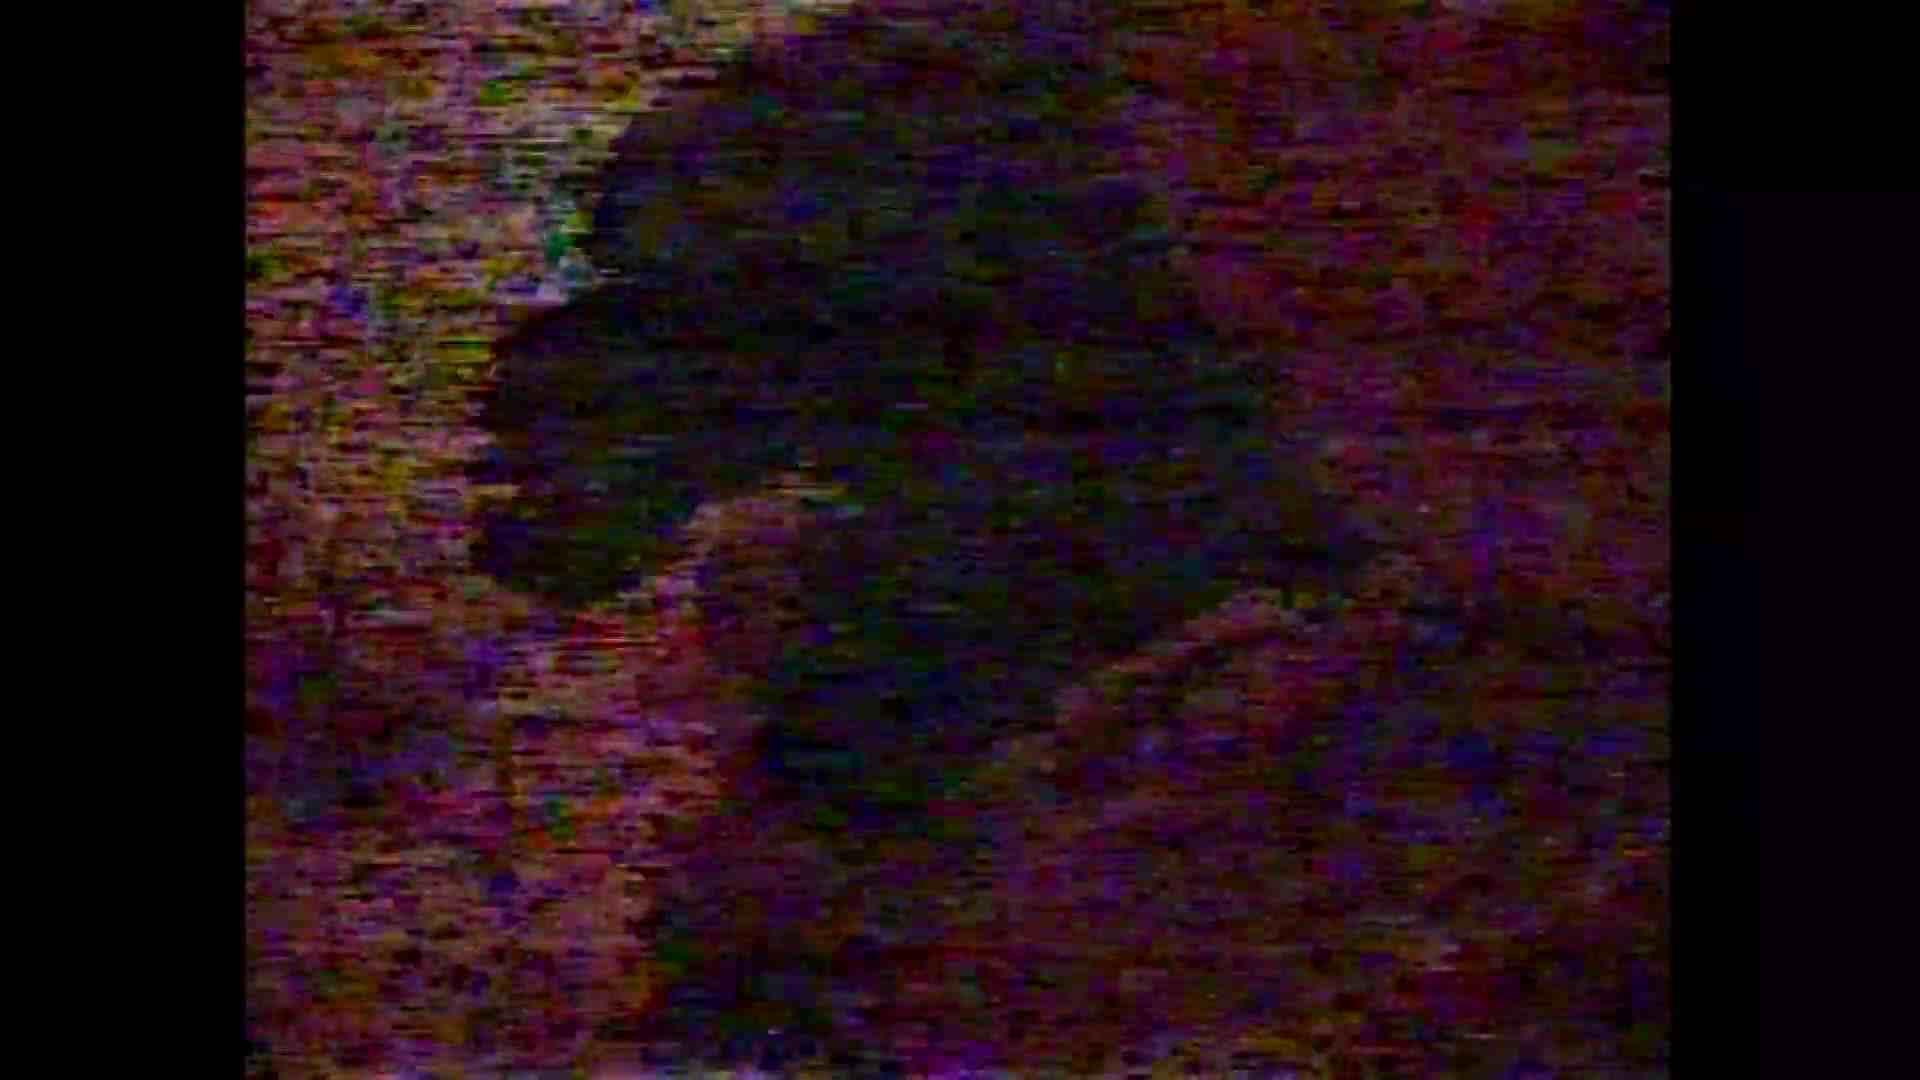 レース場での秘め事 Vol.05 潜入 盗撮おまんこ無修正動画無料 95連発 47